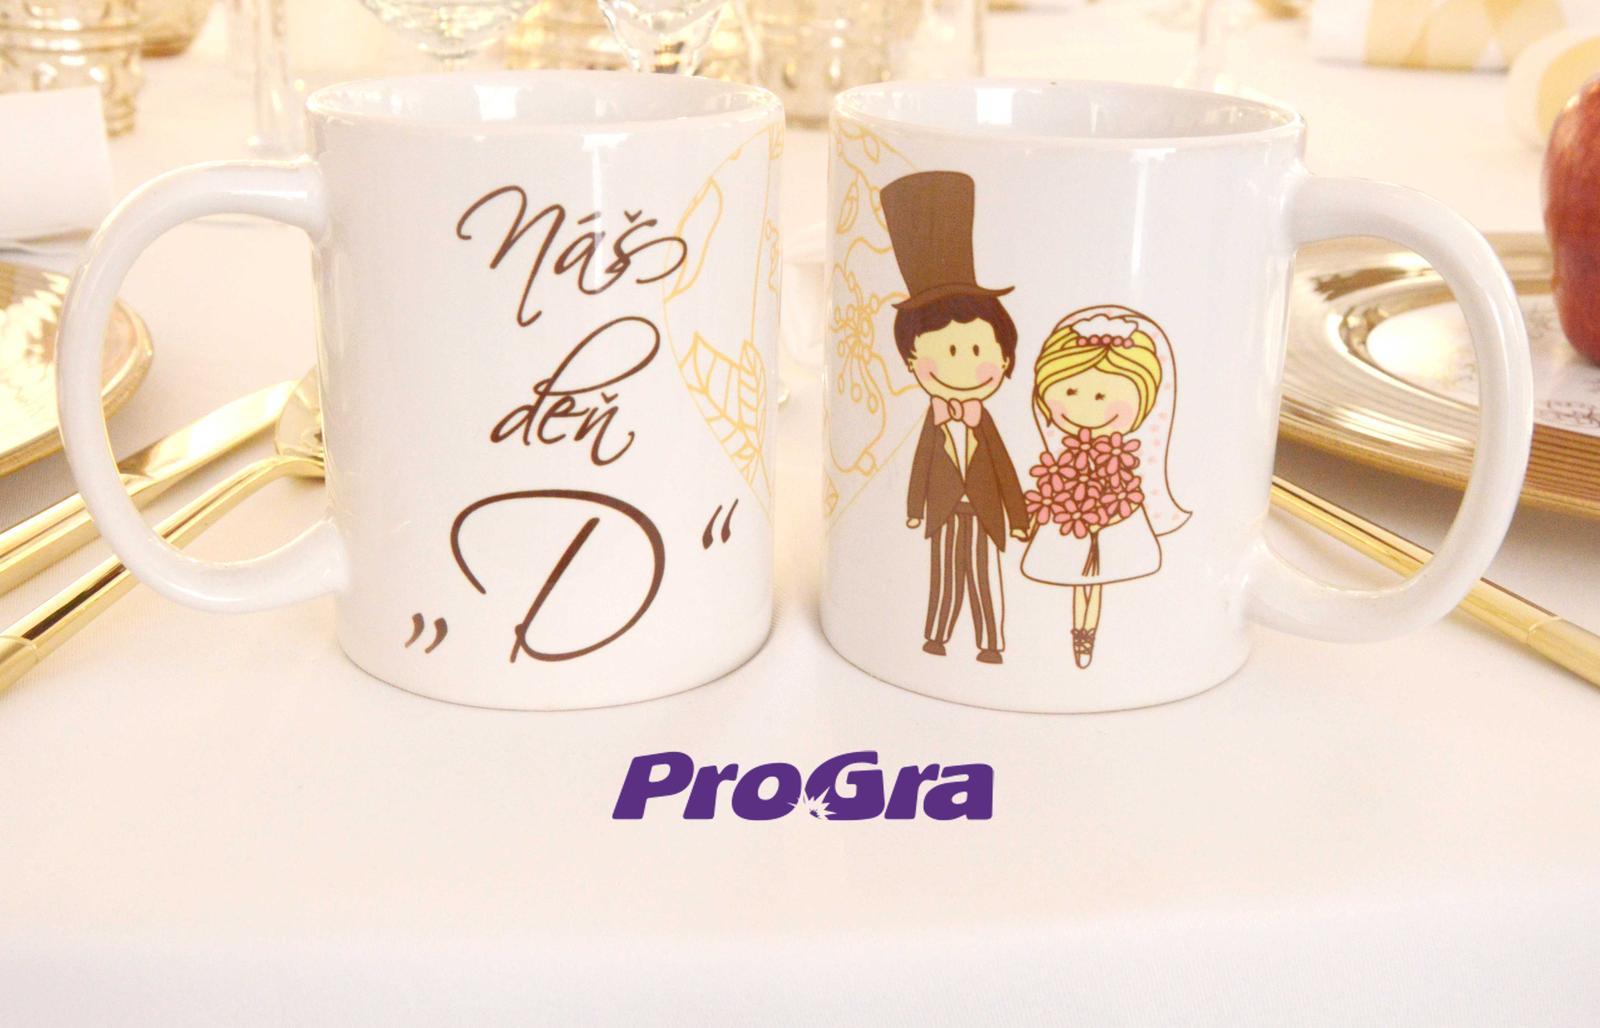 """Originální Svatební Doplňky - Náš den """"D"""" - set 2 ks hrnků s milou grafikou z naší nabídky"""